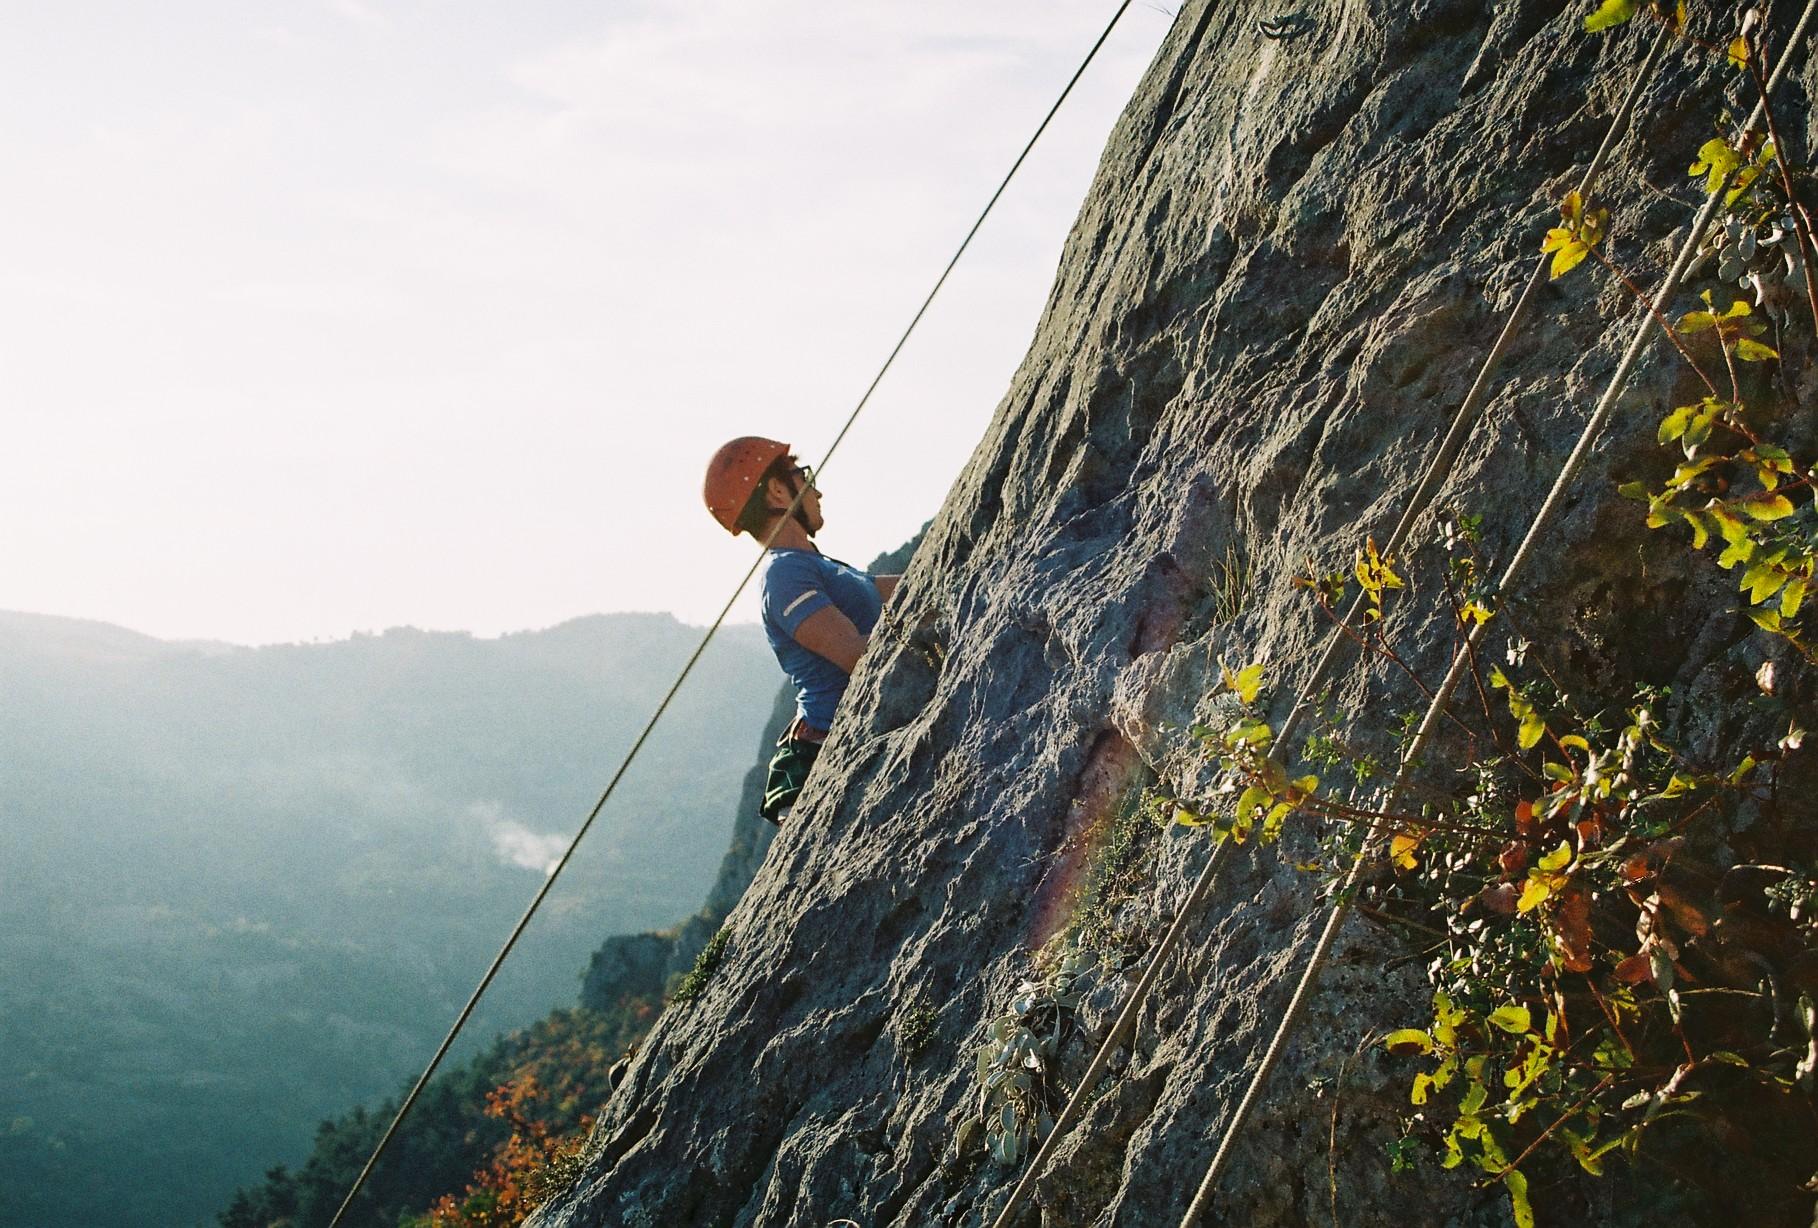 kaya tırmanışı geyve top rope tırmanış